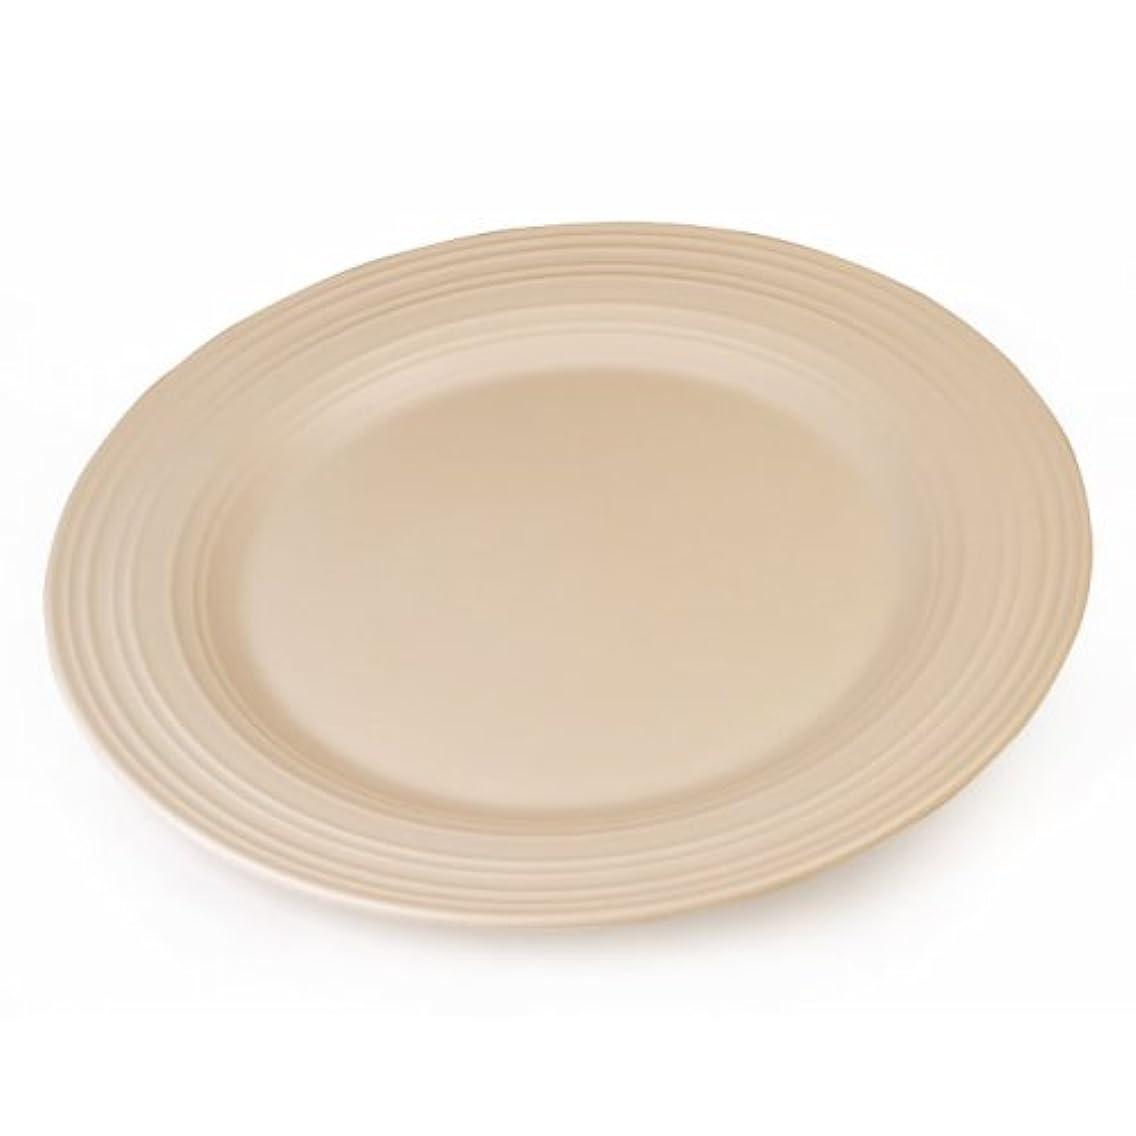 Mikasa Swirl Tan Platter 12